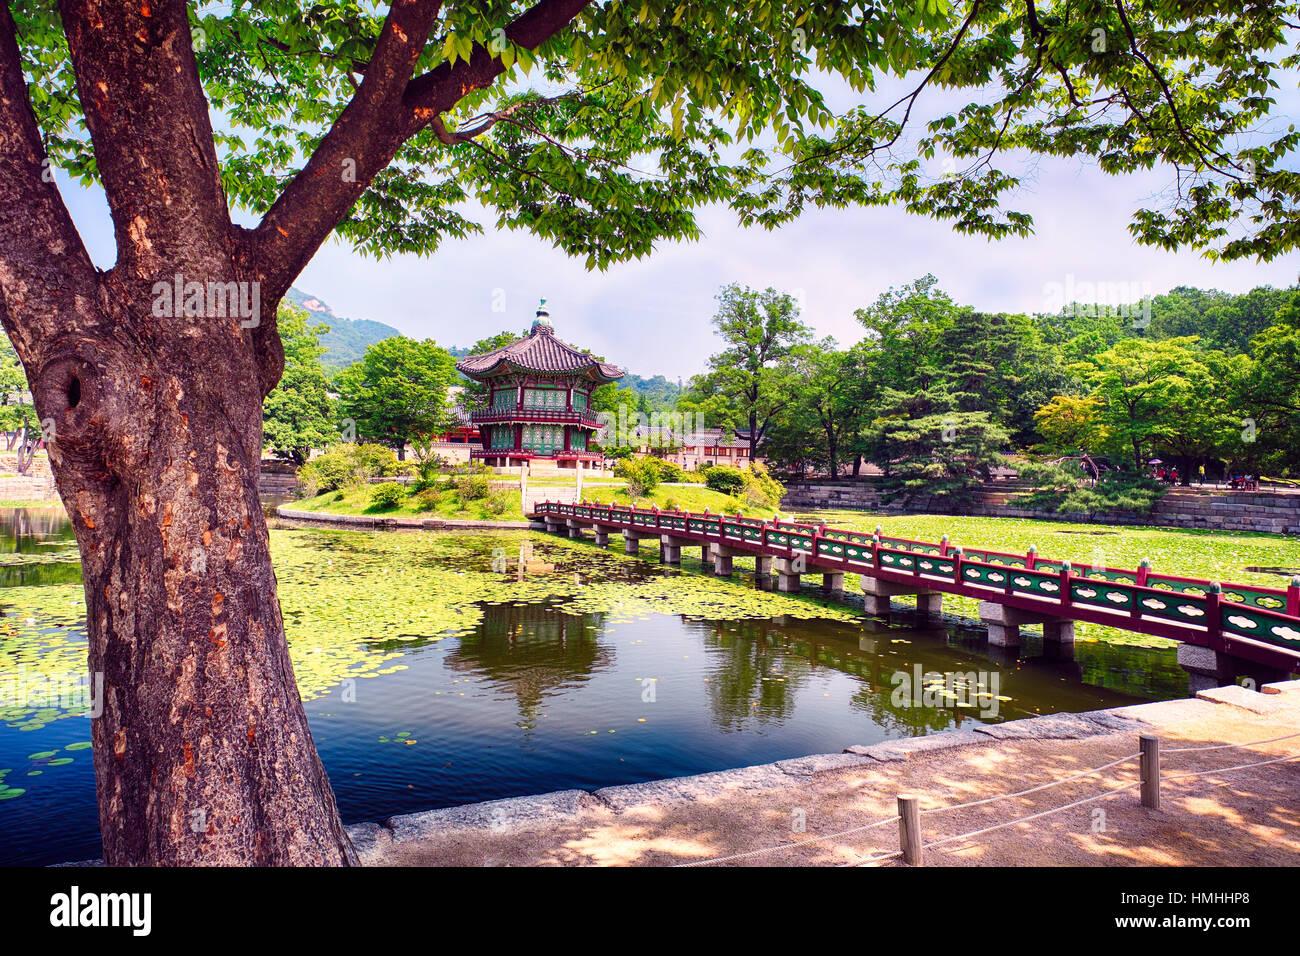 Fußgängerbrücke führt zum Pavillon von weitreichenden Duft, Gyeongbokgung Palast; Seoul, Südkorea Stockbild